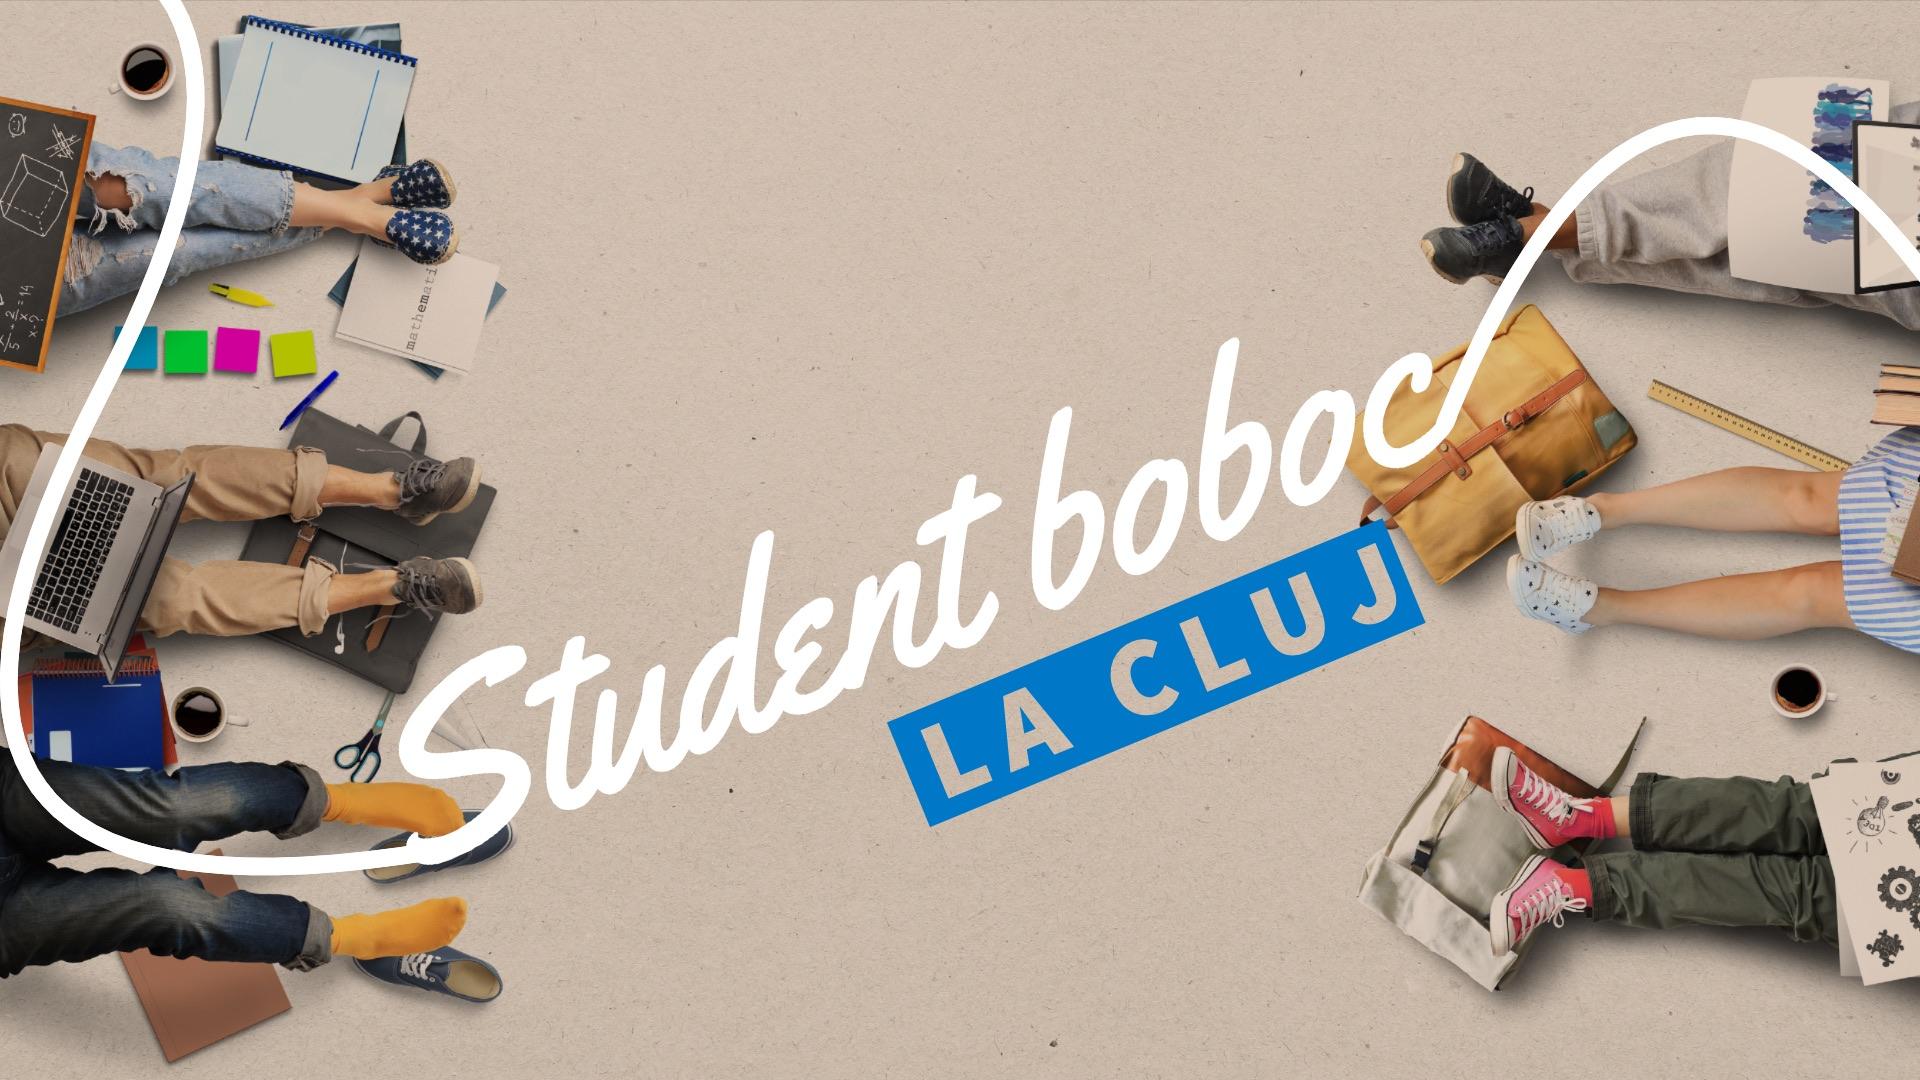 Student boboc – Review à la Cluj